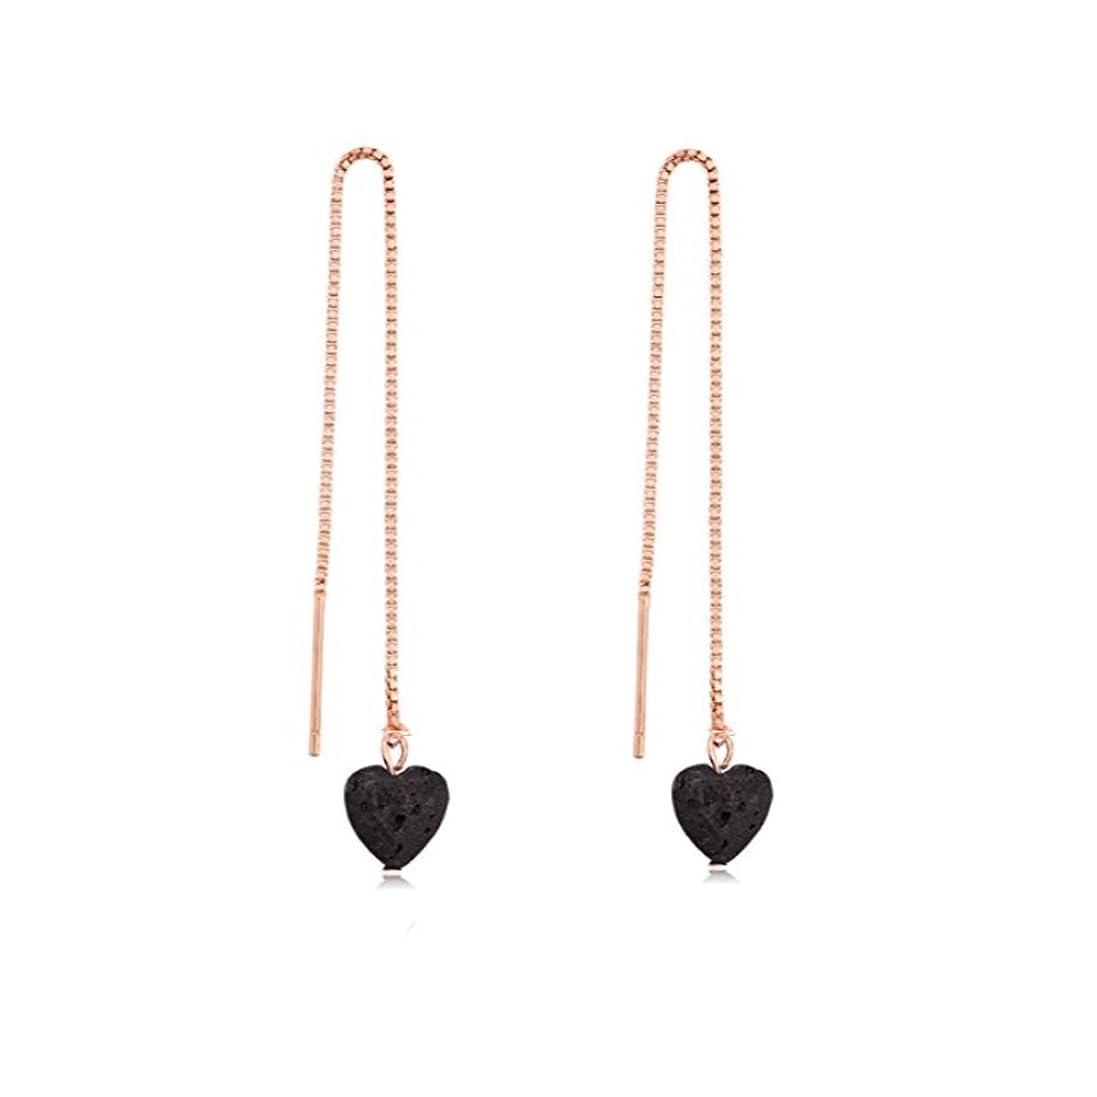 敬な定説アウトドアmanzhen Small Heart Shape Lava Stone ThreaderイヤリングEssential Oil Diffuserイヤリング